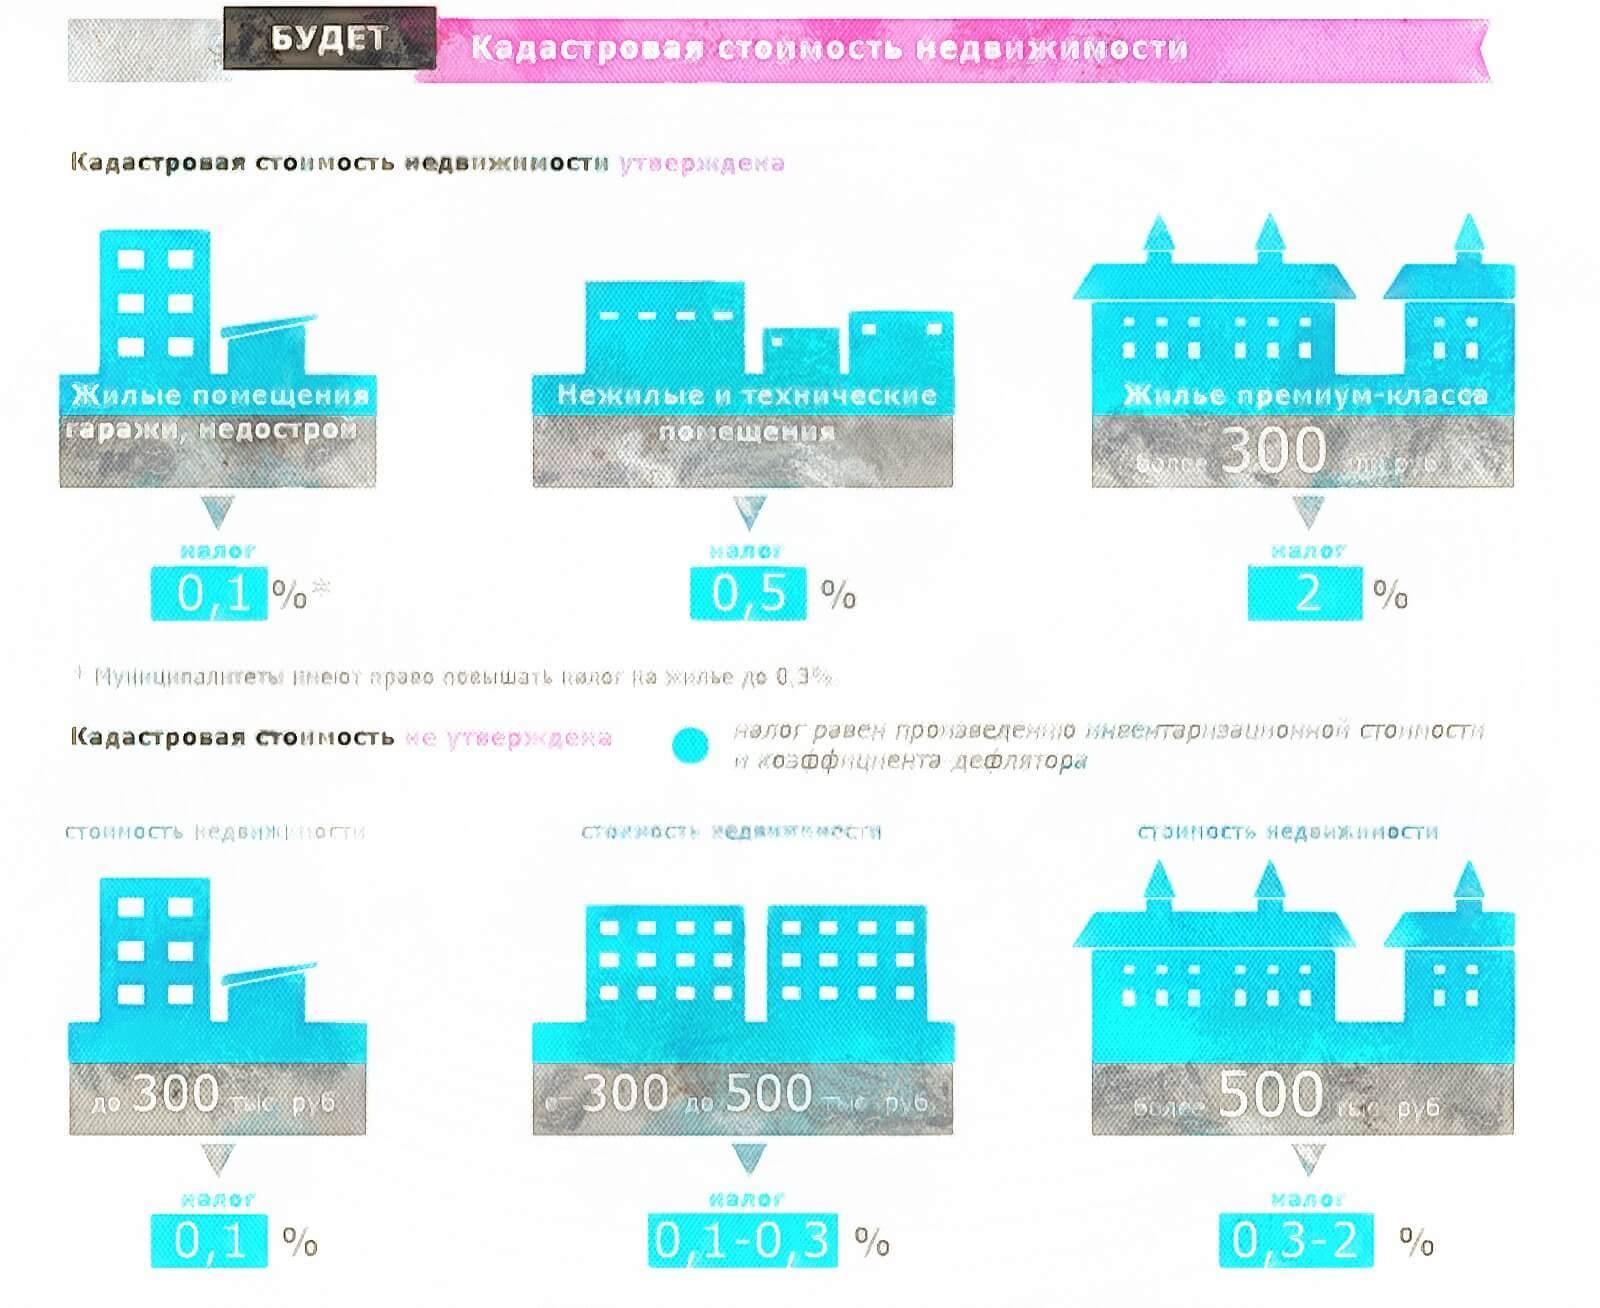 Как узнать стоимость недвижимости? Кто оплачивает оценку квартиры: продавец или покупатель?